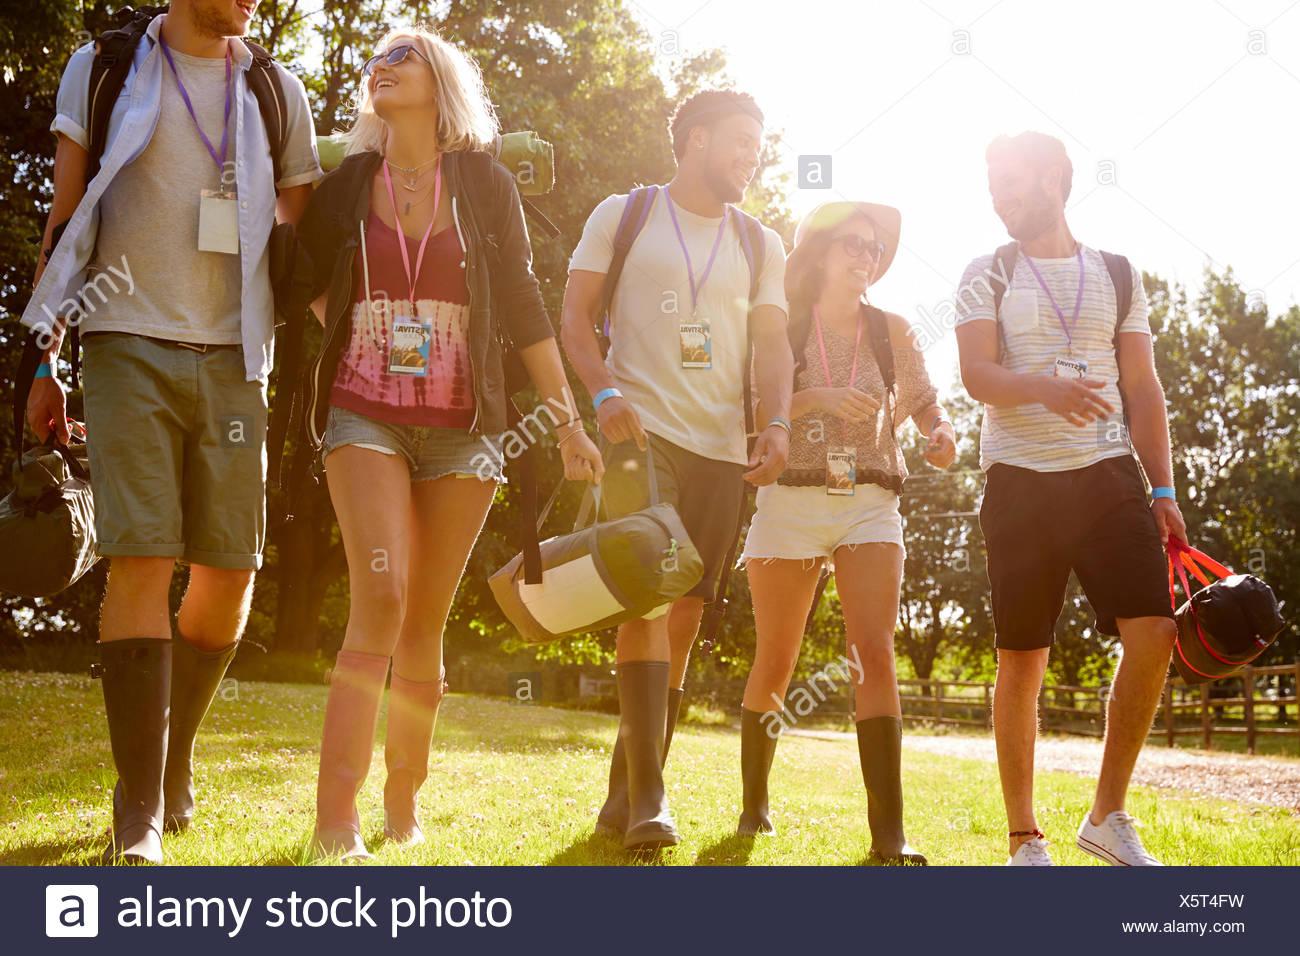 Grupo de Jóvenes Ir de camping en el Festival de Música Imagen De Stock